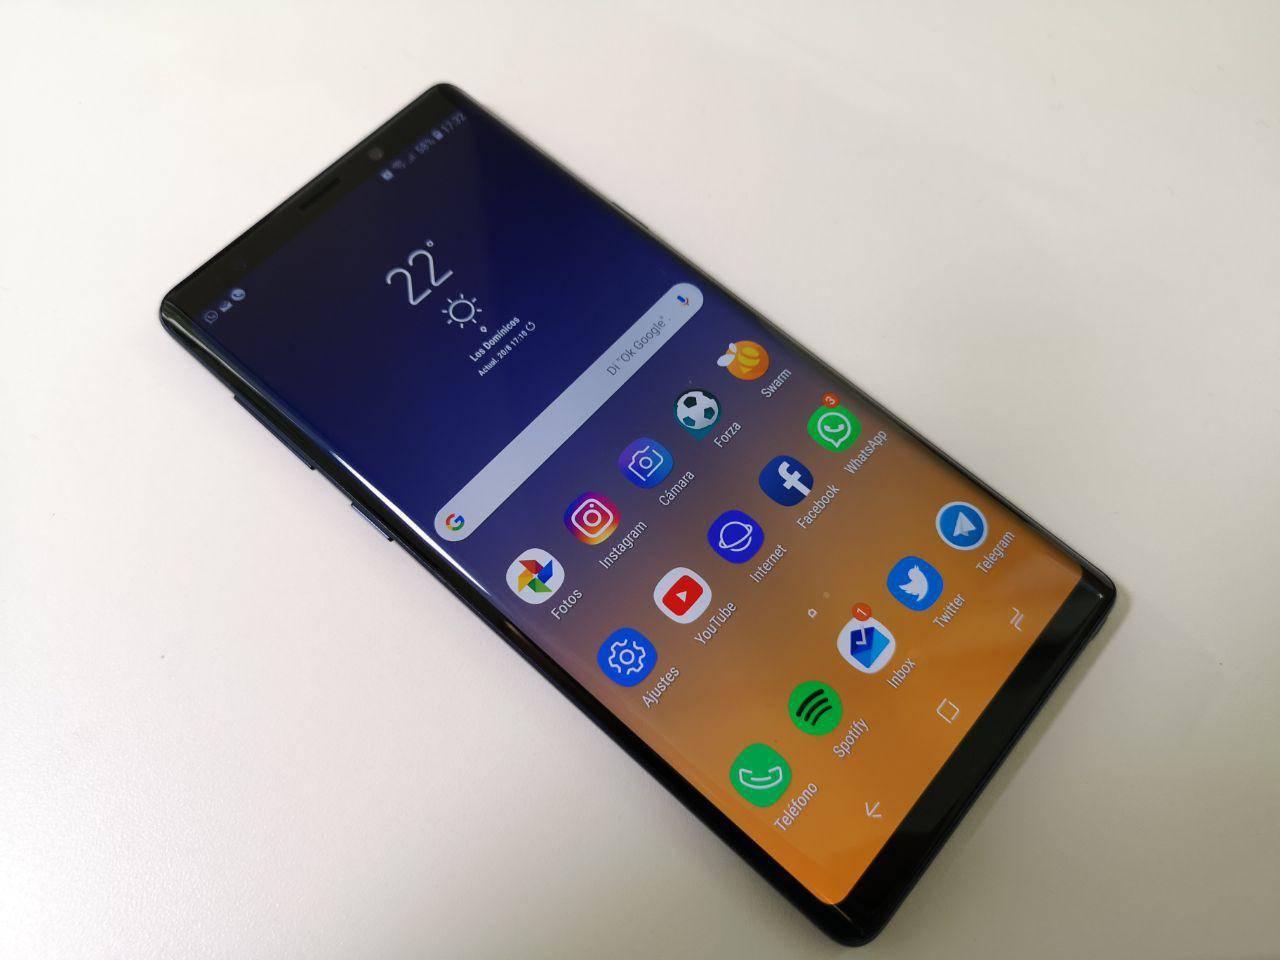 Oh, no: La batería de un Galaxy Note 9 estalló, demandarán a Samsung